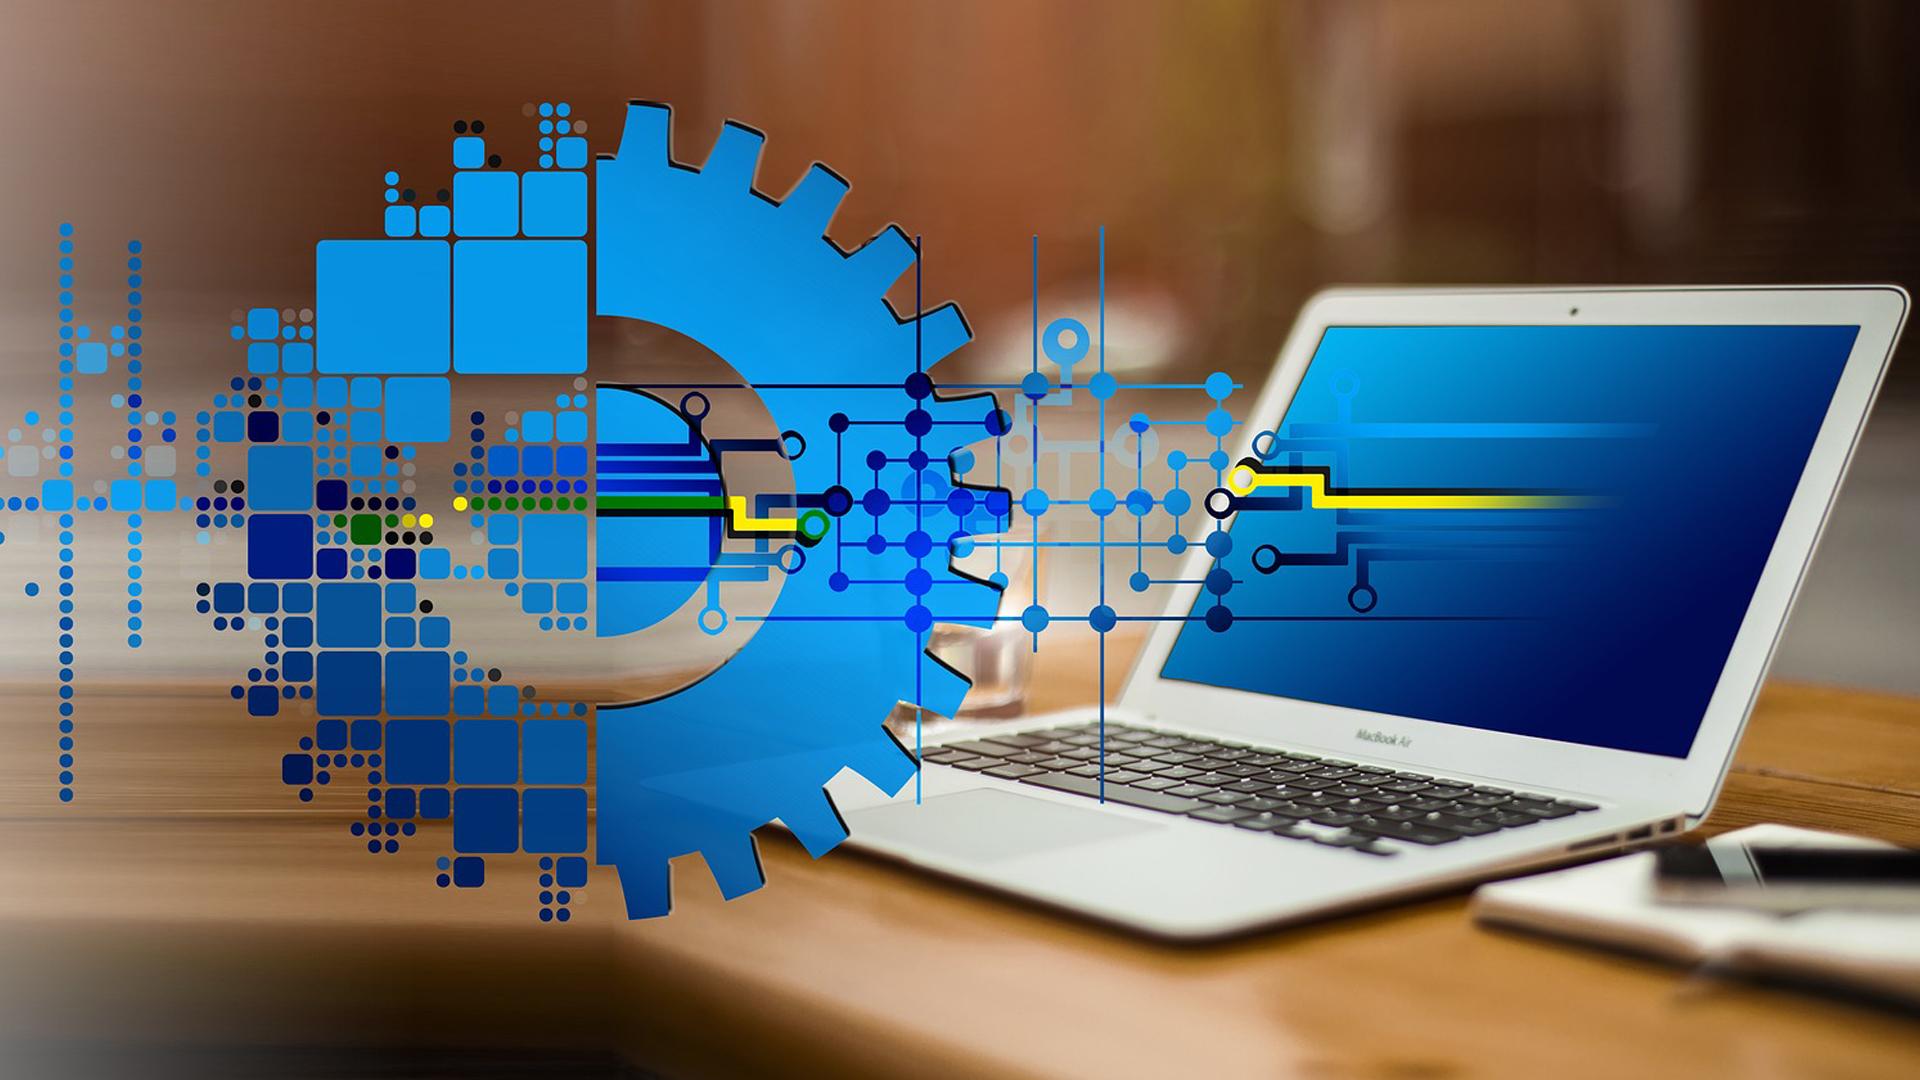 UILPA, regolamentare lo Smart Working attraverso la contrattazione e individuare soluzioni organizzative per la salvaguardia dei lavoratori